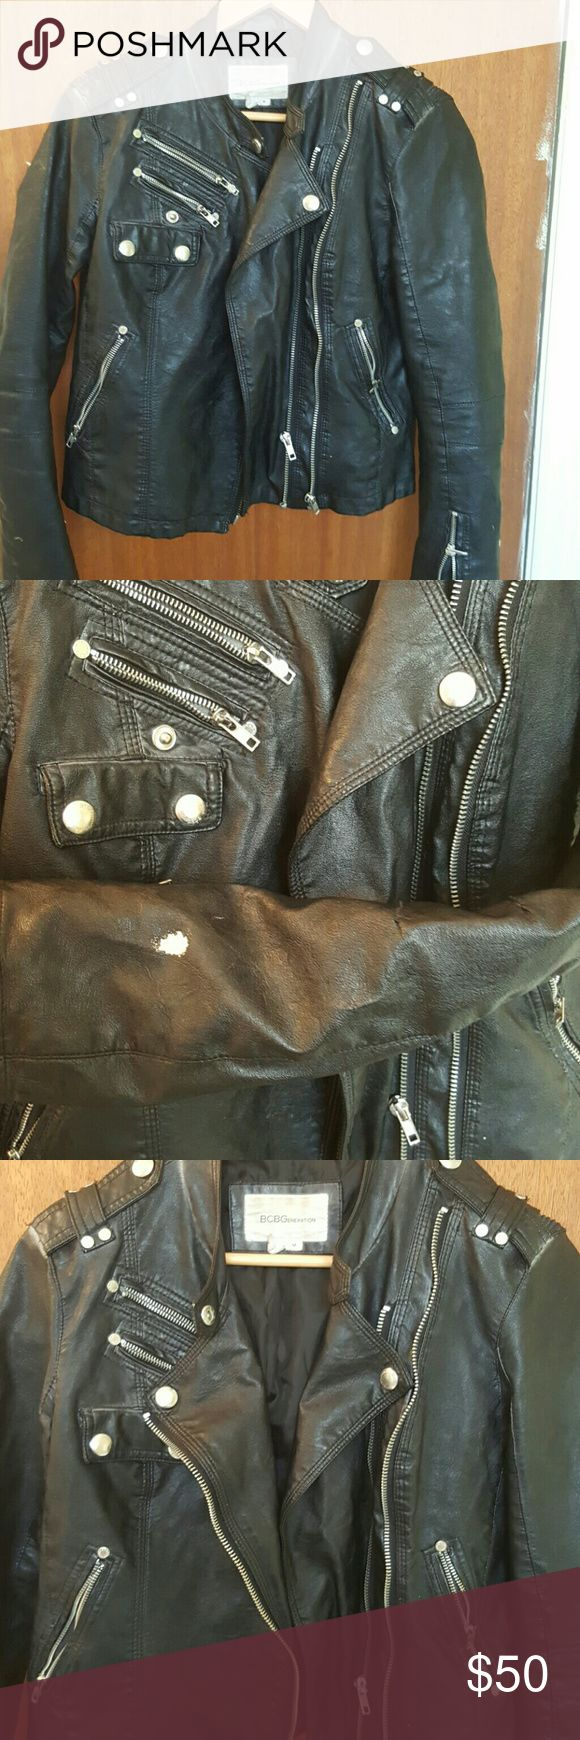 Jacket Bcbg BCBGeneration Jackets & Coats Utility Jackets